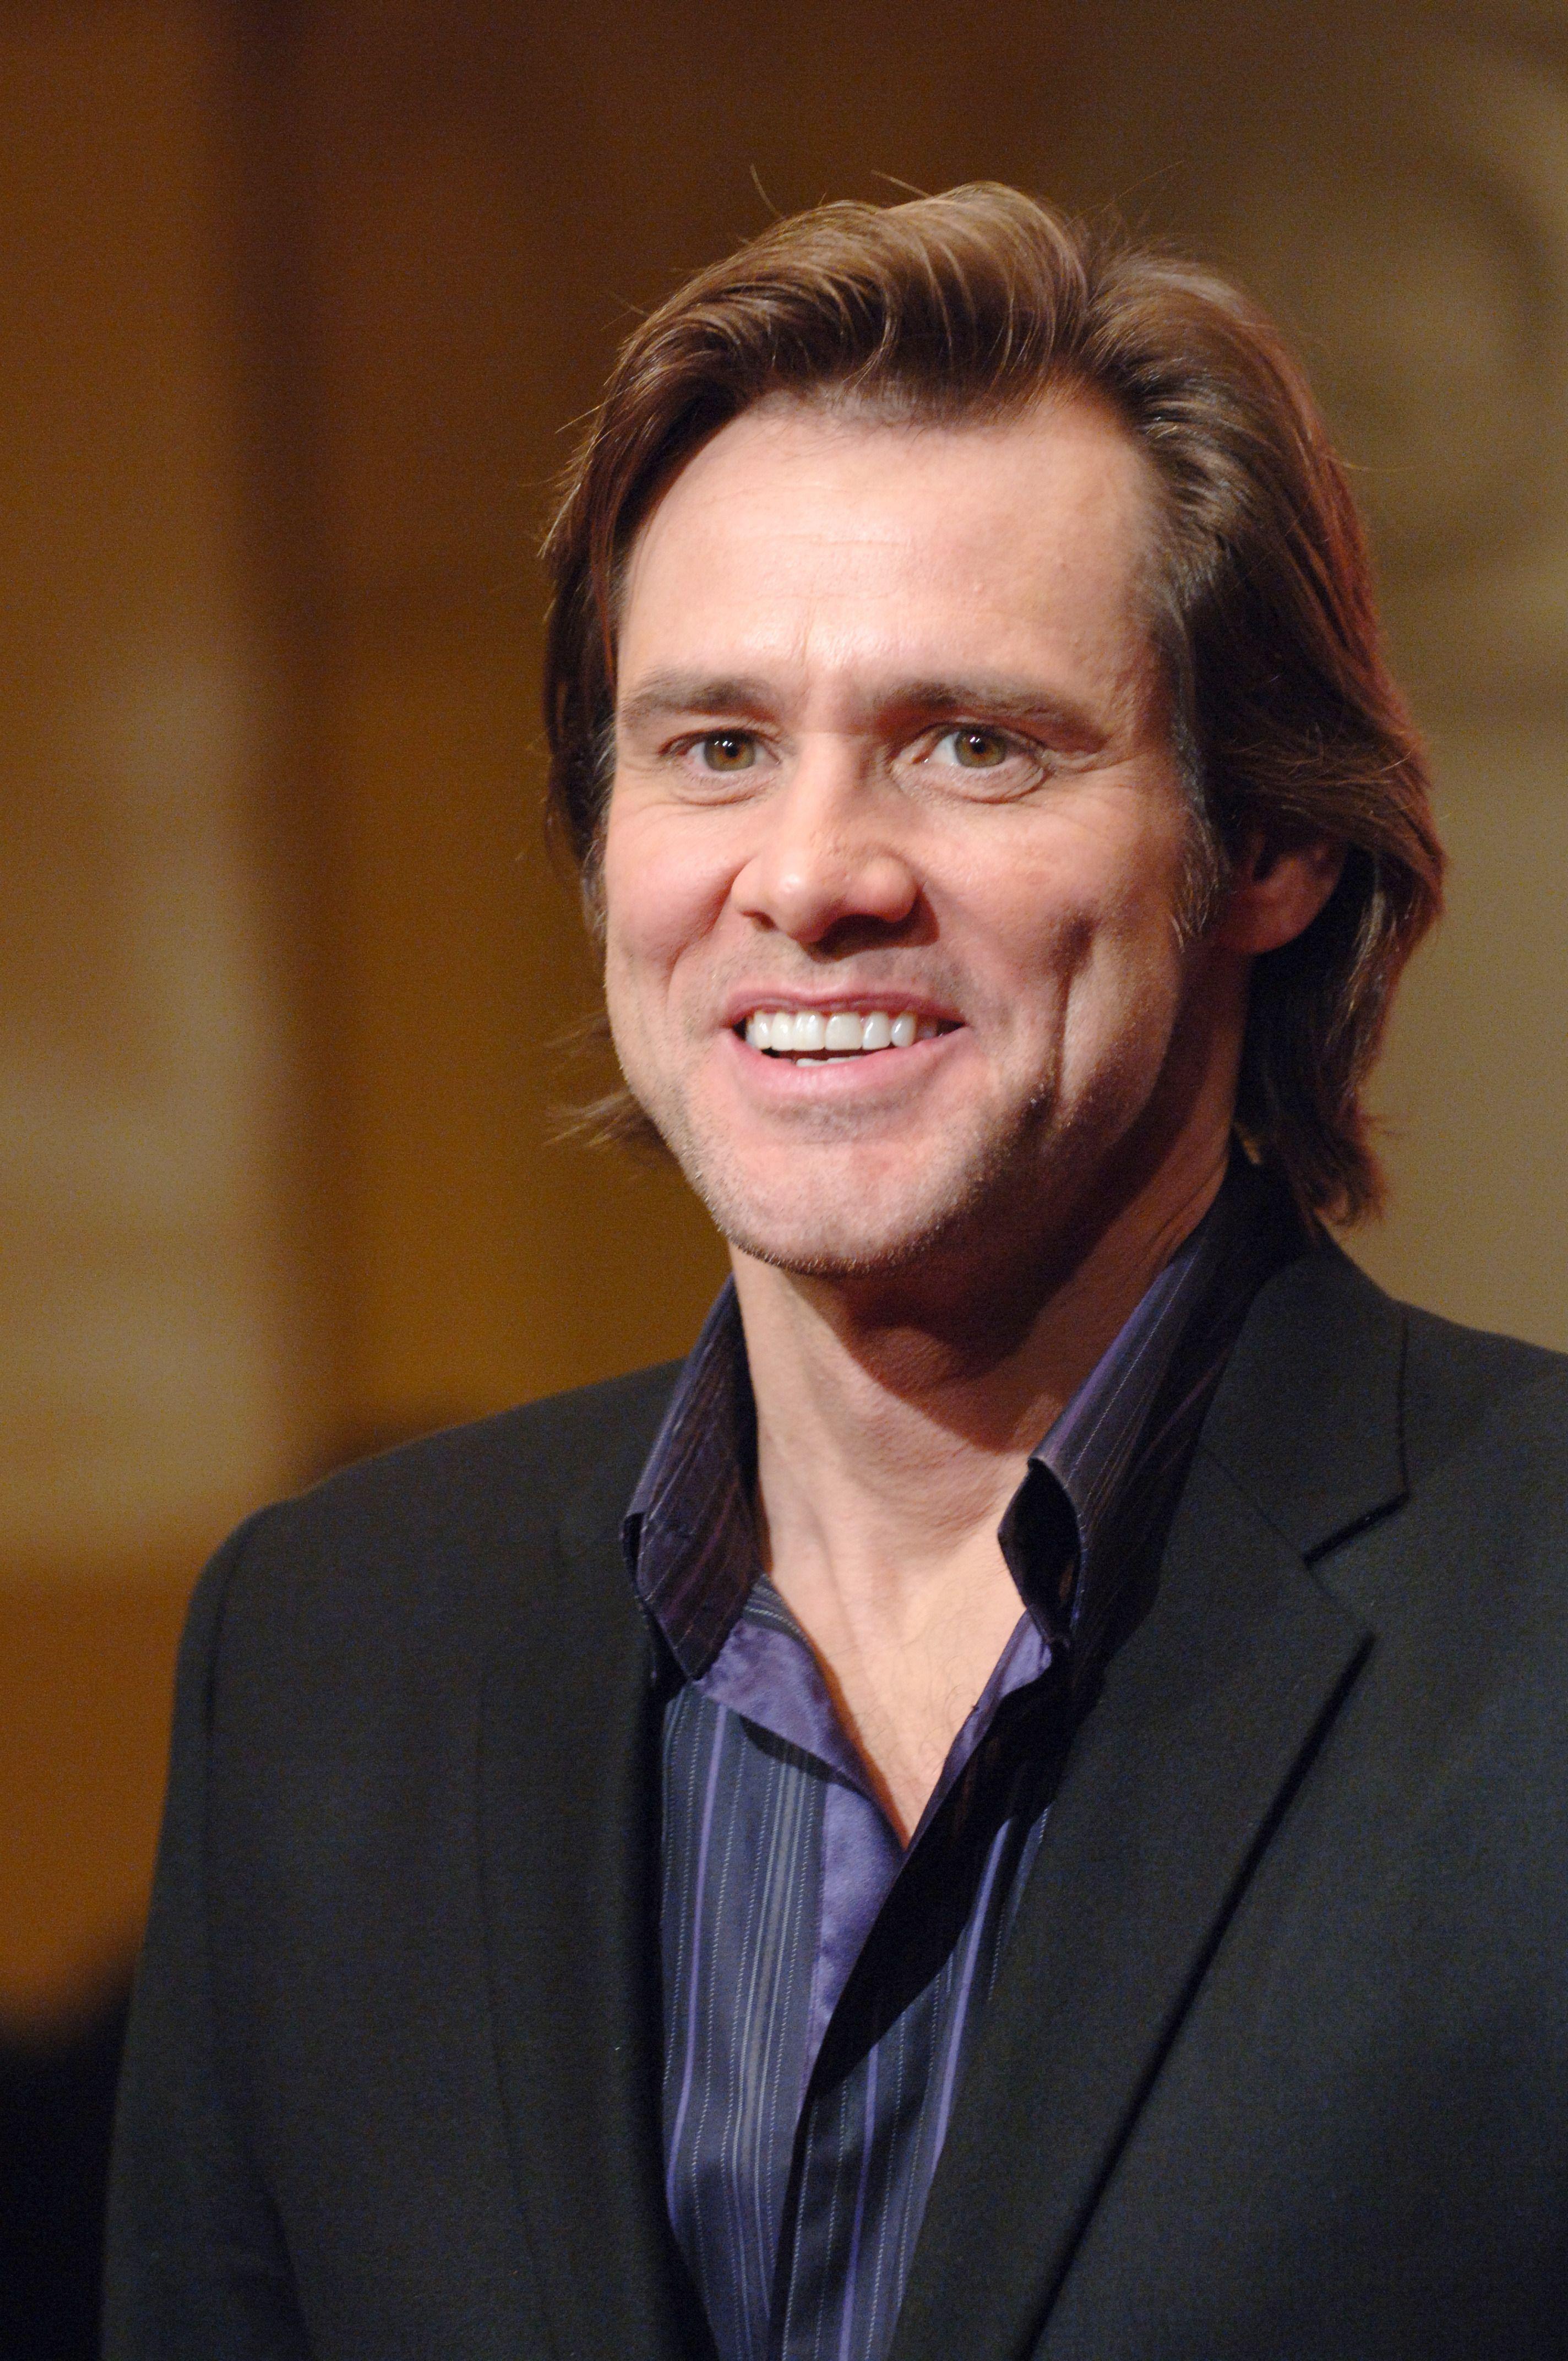 9. Jim Carrey